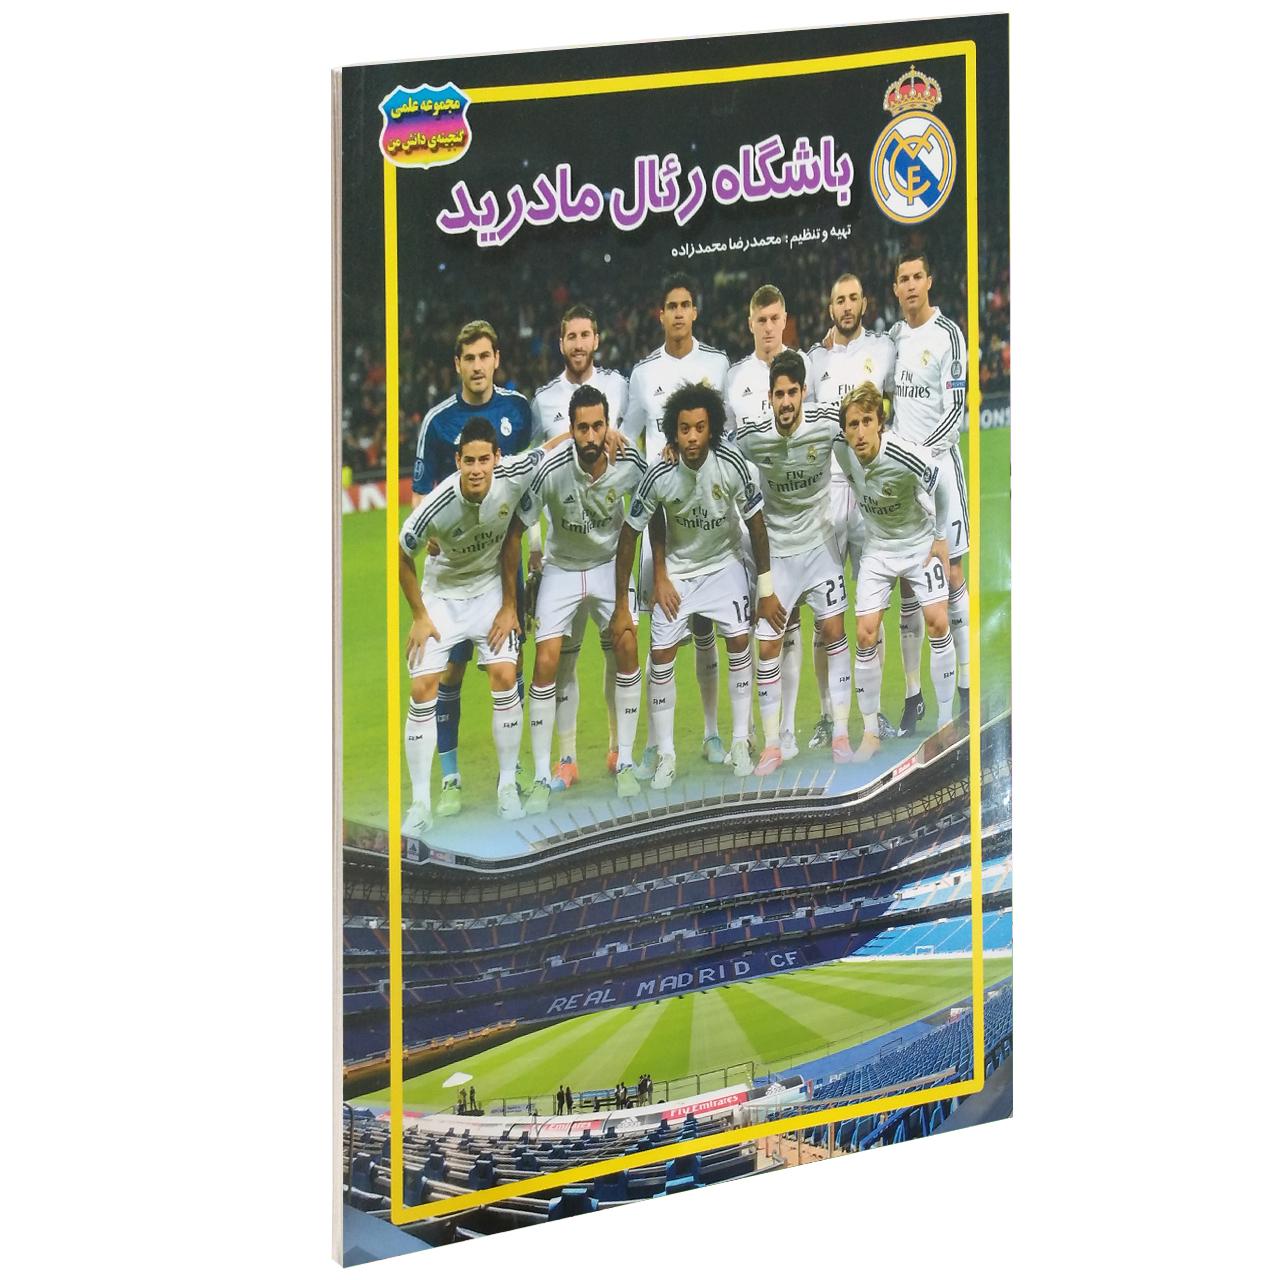 کتاب باشگاه رئال مادرید اثر محمدرضا محمدزاده